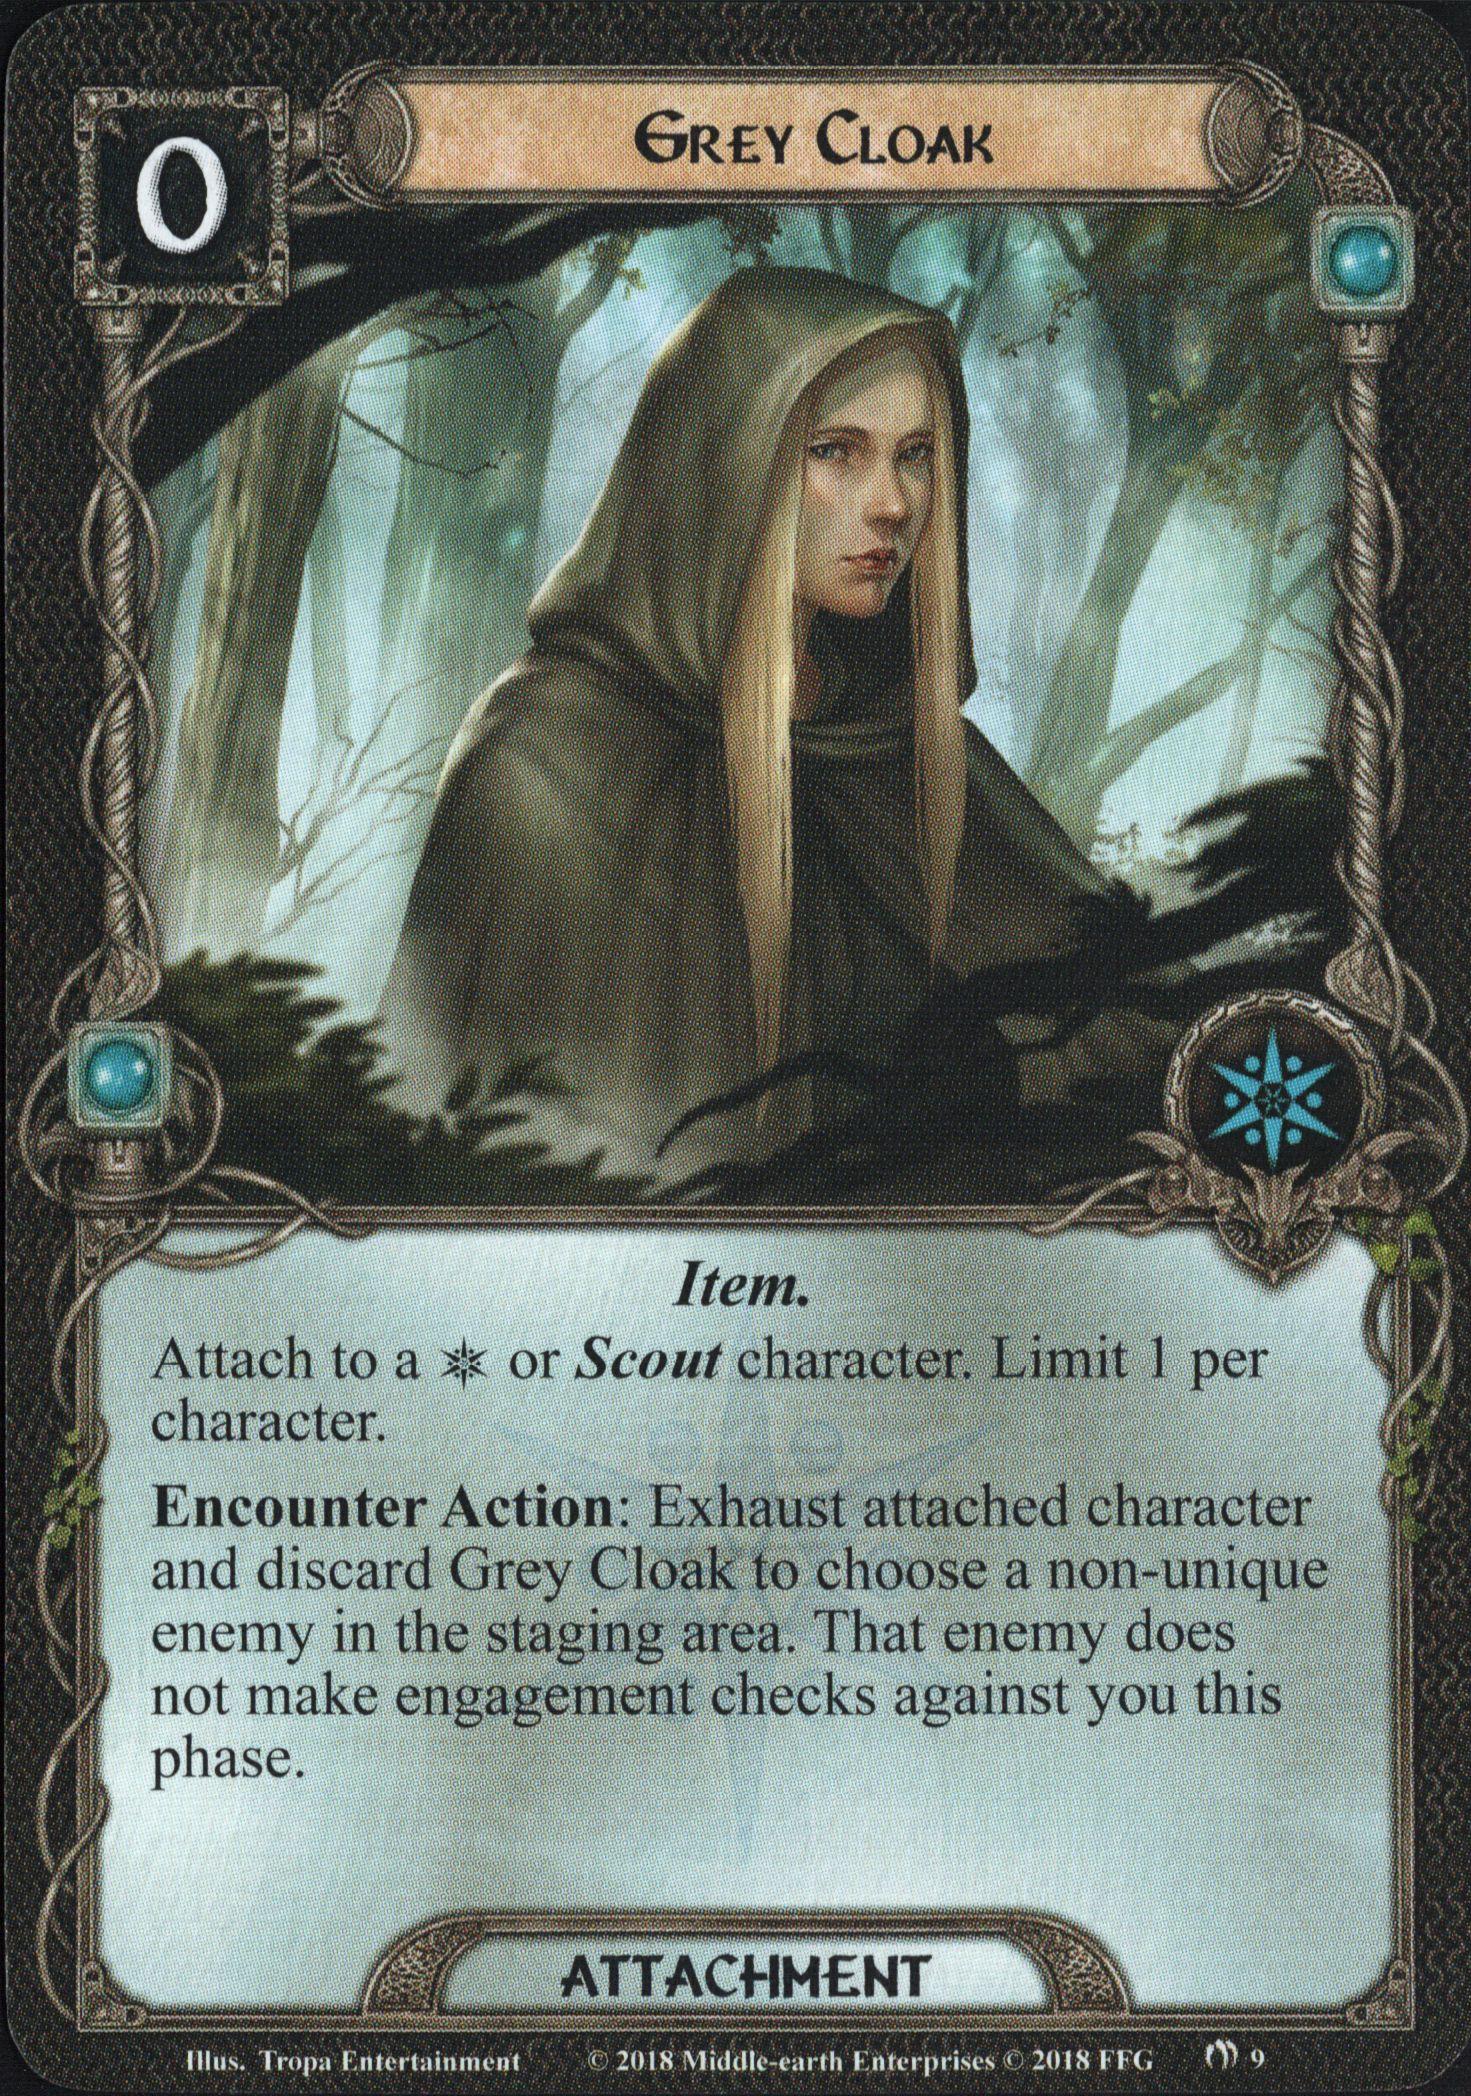 Galerie visuelle des cartes joueurs à venir Grey-Cloak